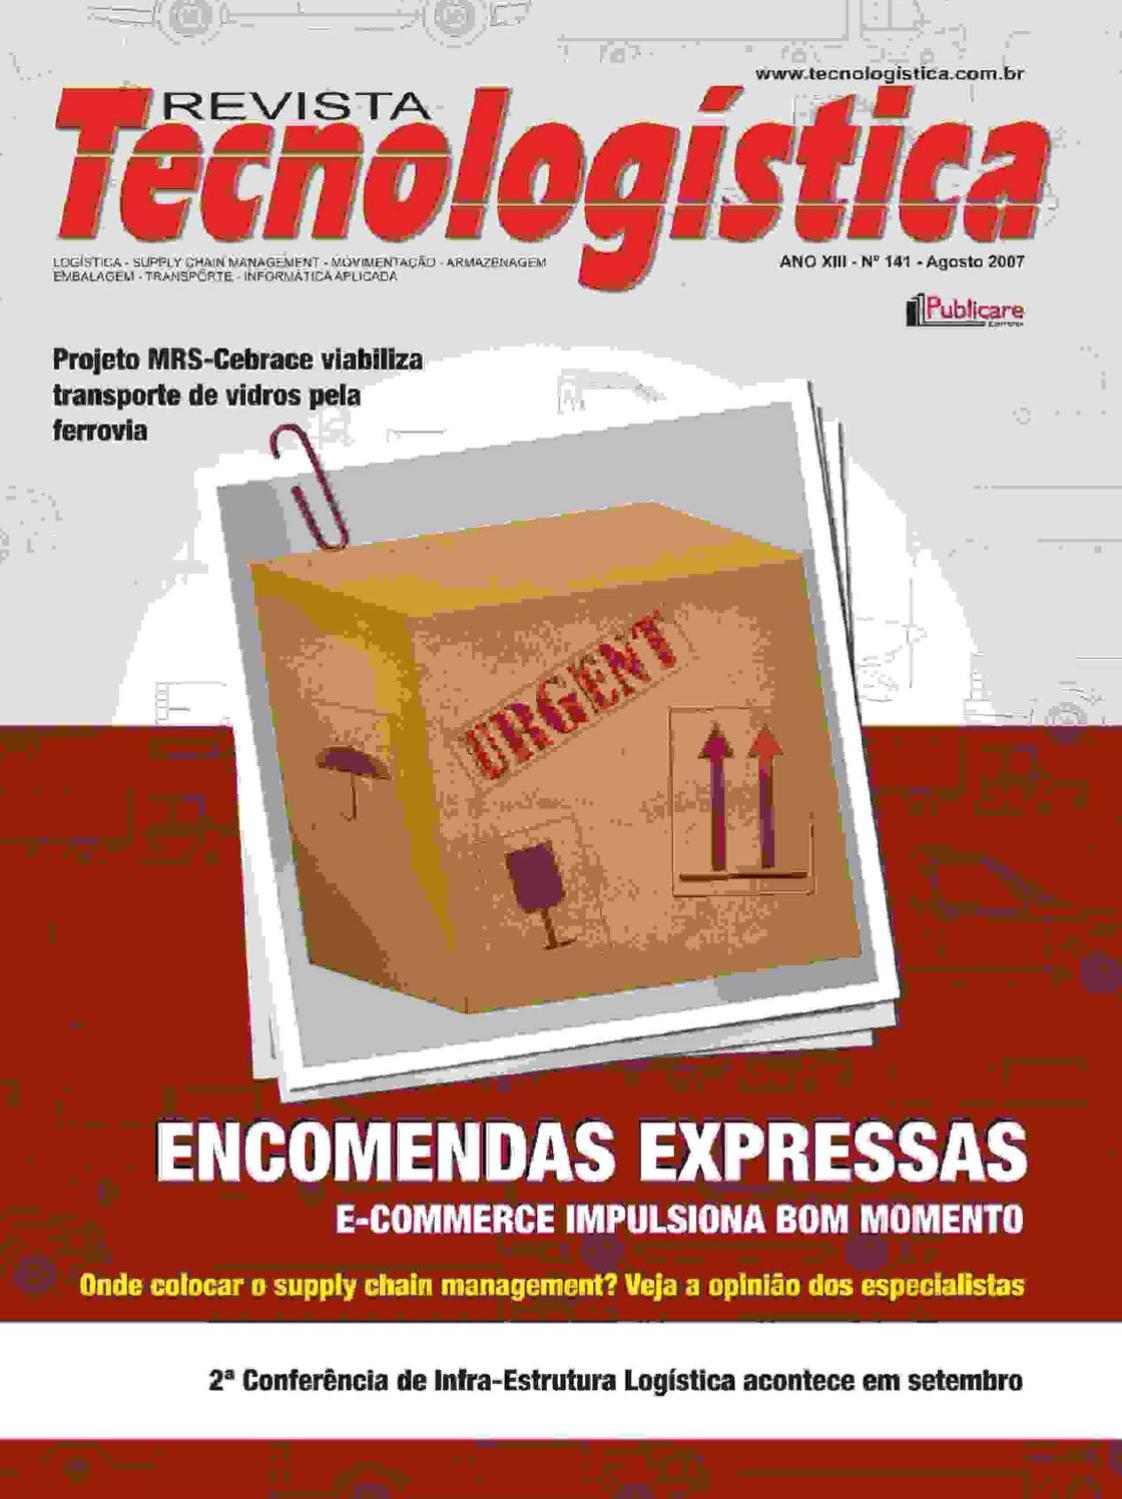 f01ad180c49 Revista Tecnologística - Ed. 141 - 2007 by Publicare - issuu